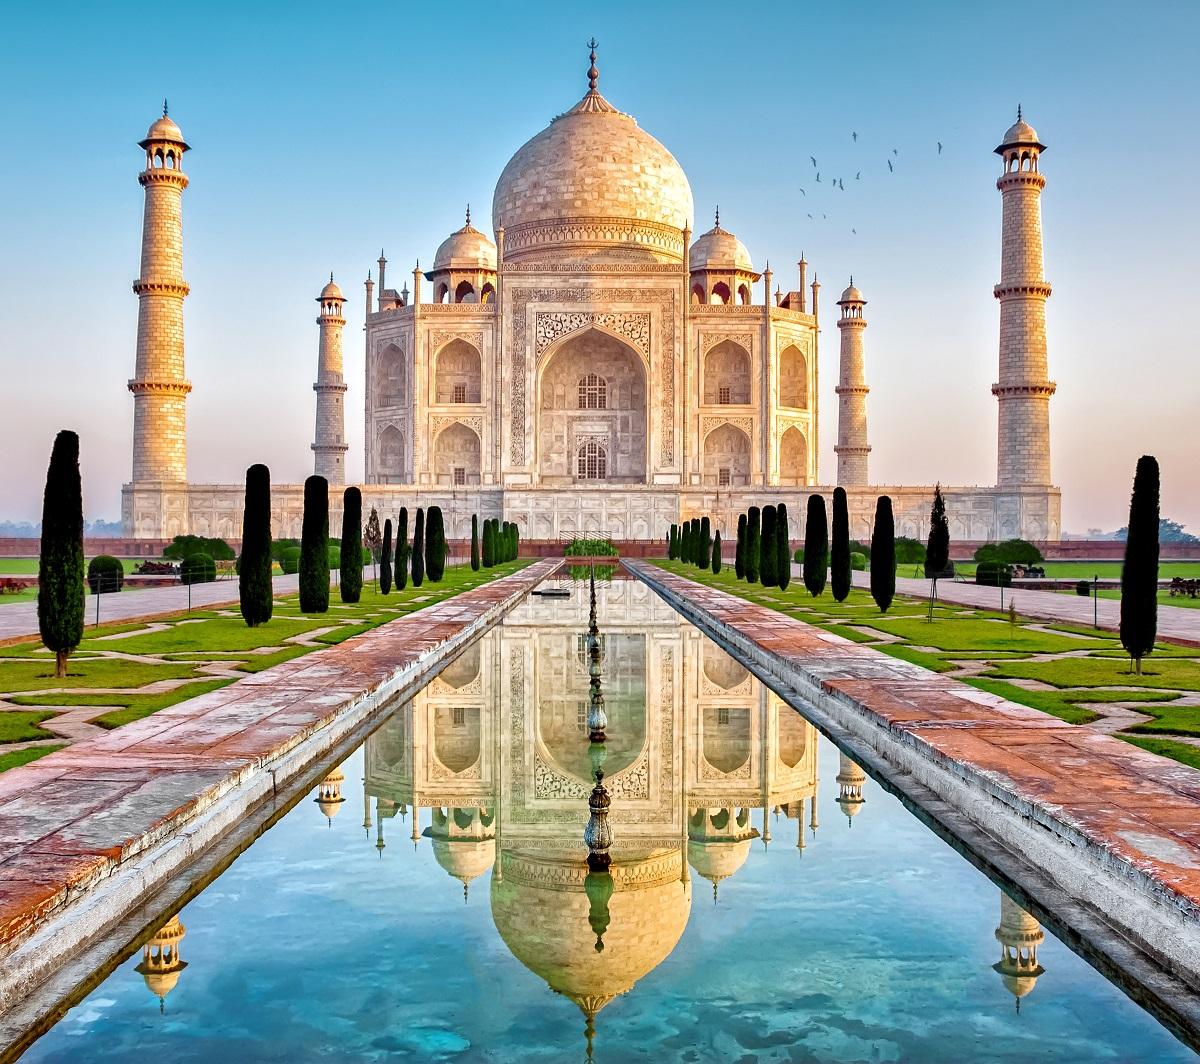 4 Gründe warum der indische Aktienmarkt vor einem starken Aufschwung steht (TraderFox startet Coverage)